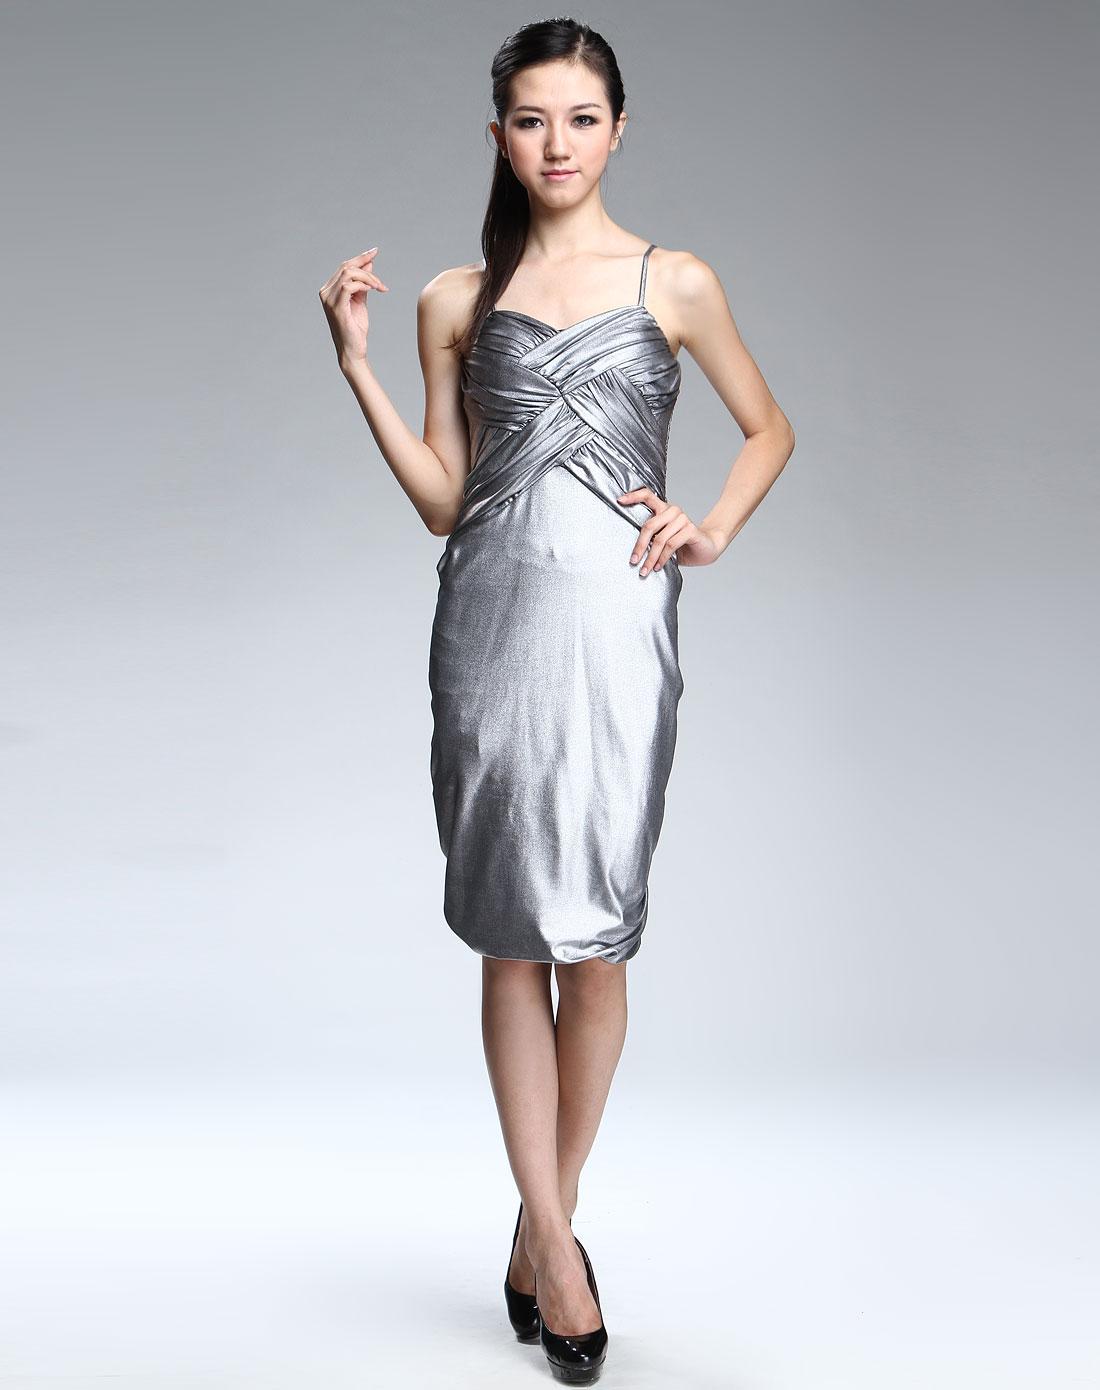 格子荷叶边吊带连衣裙 【款式二】性感时尚的吊带设计,突显颈脖的美